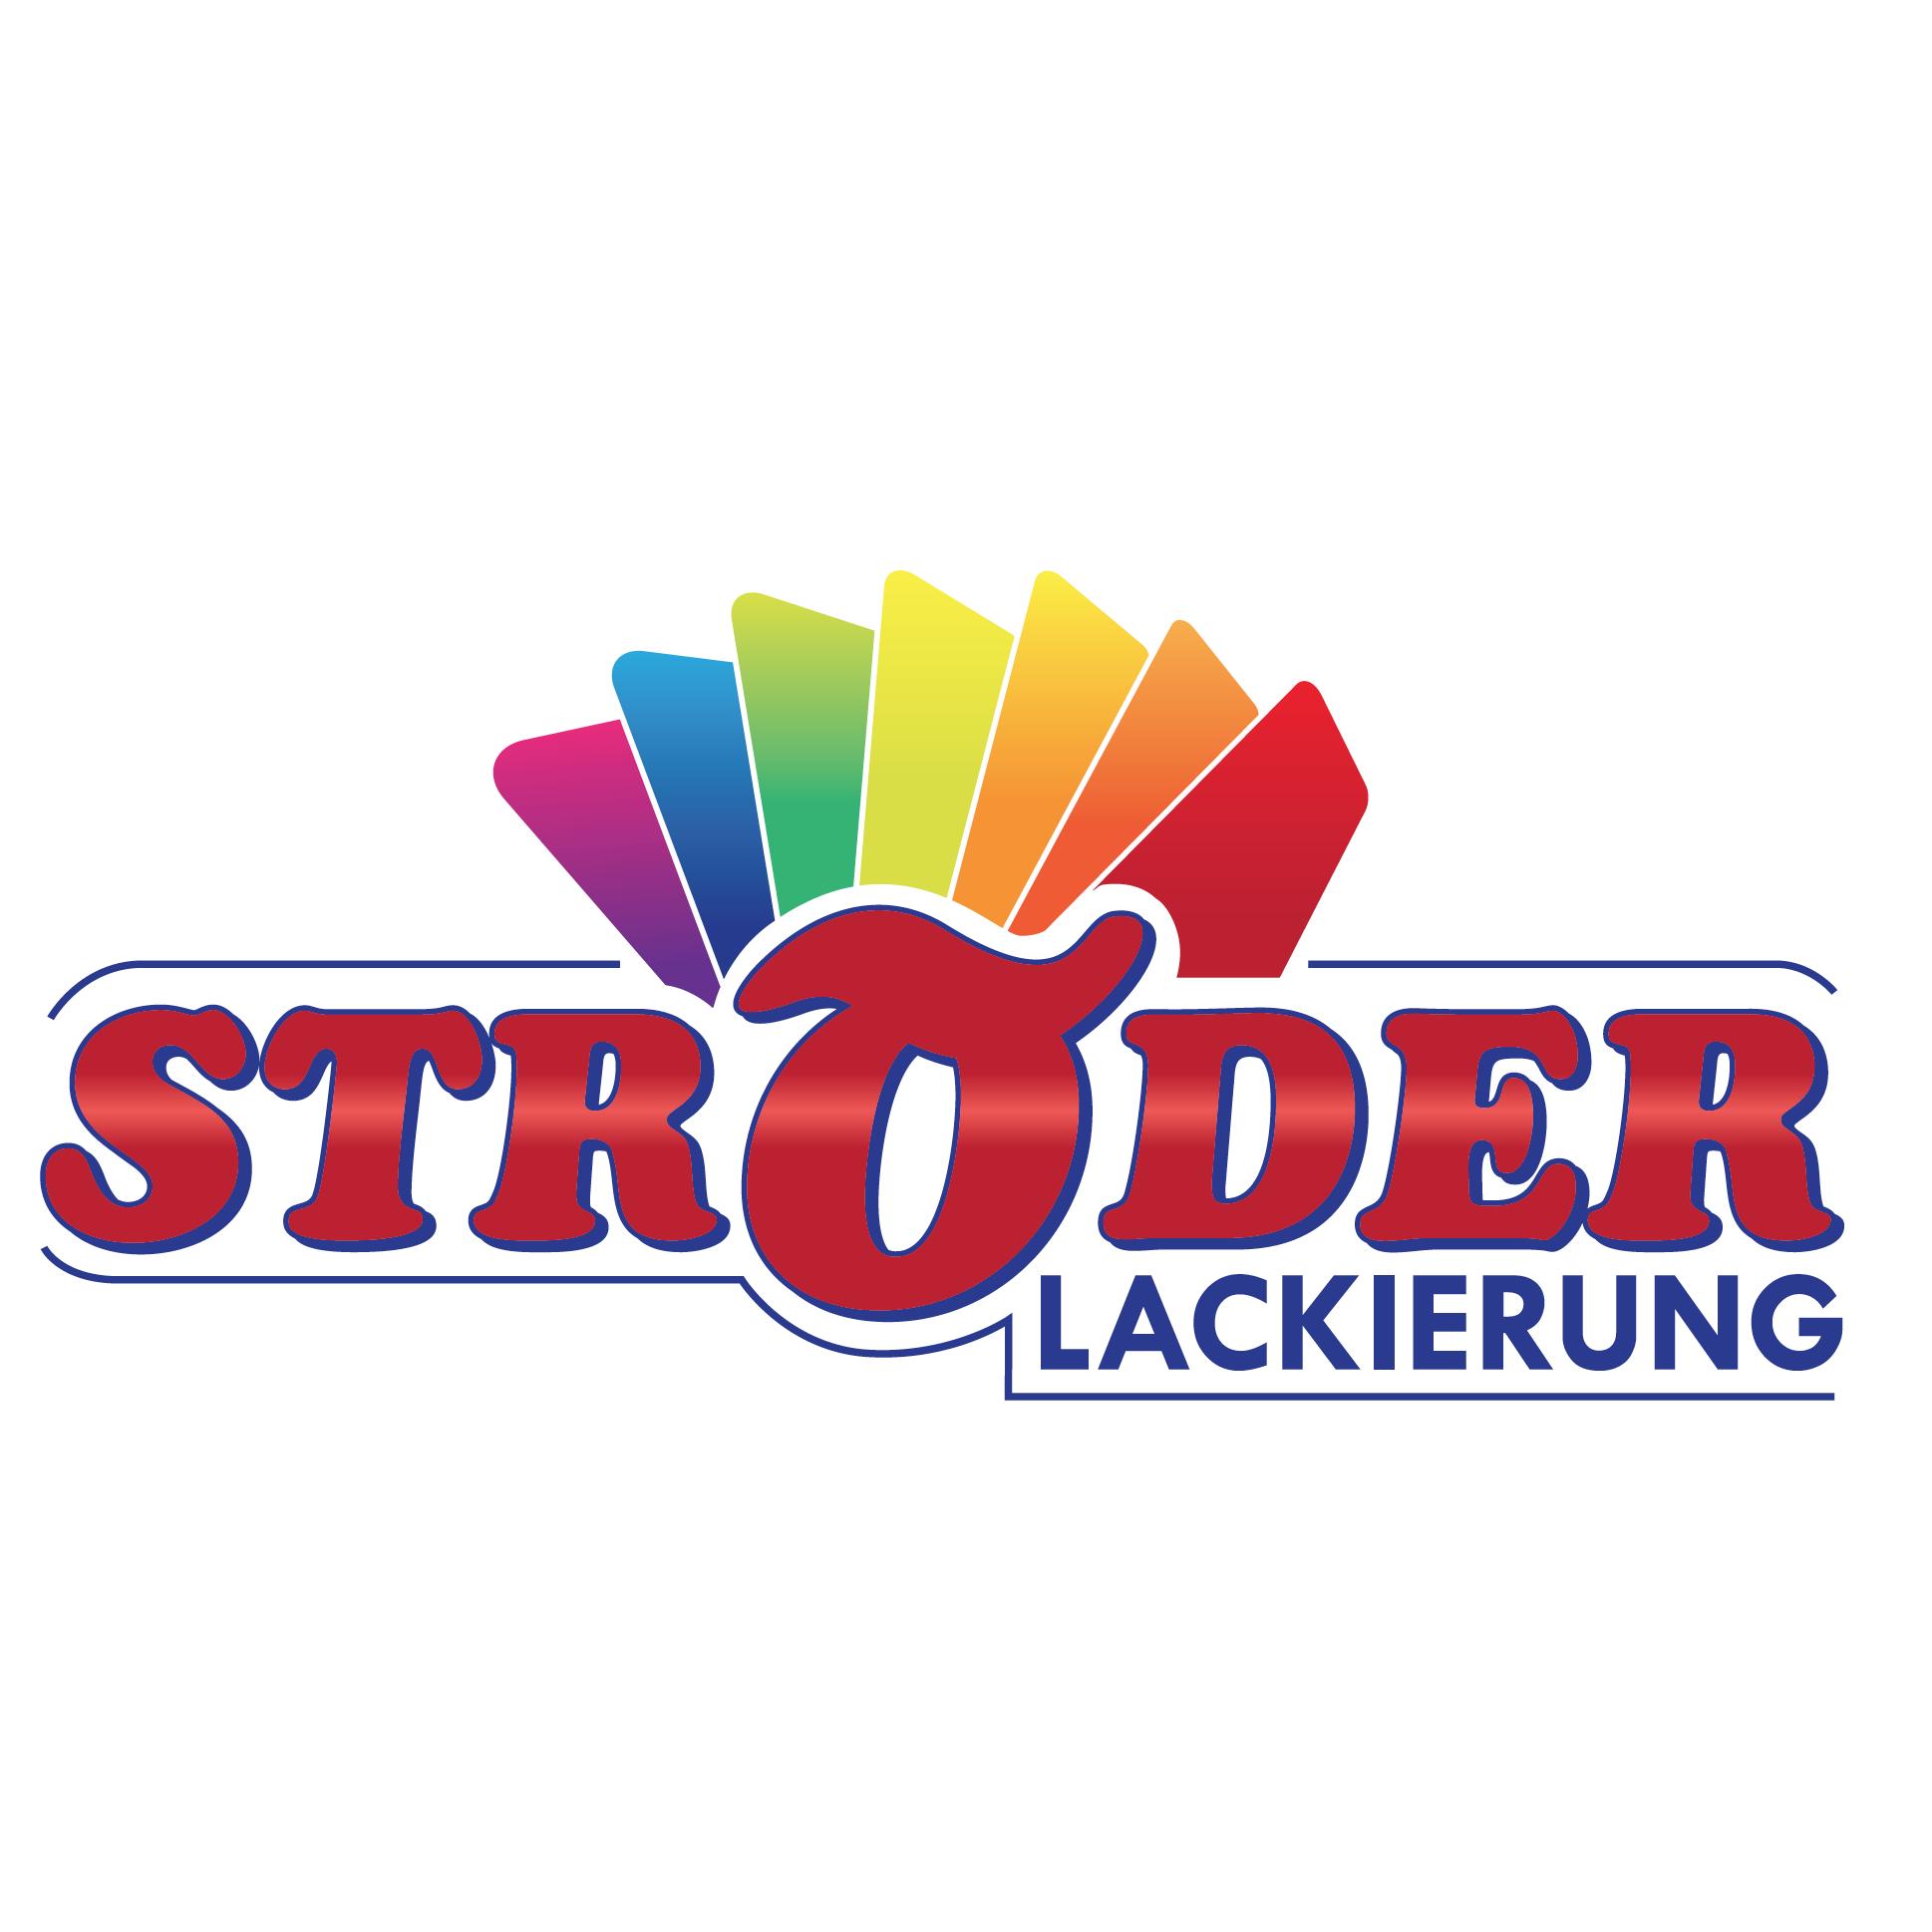 Bild zu Lackierung Ströder in Kasbach Ohlenberg